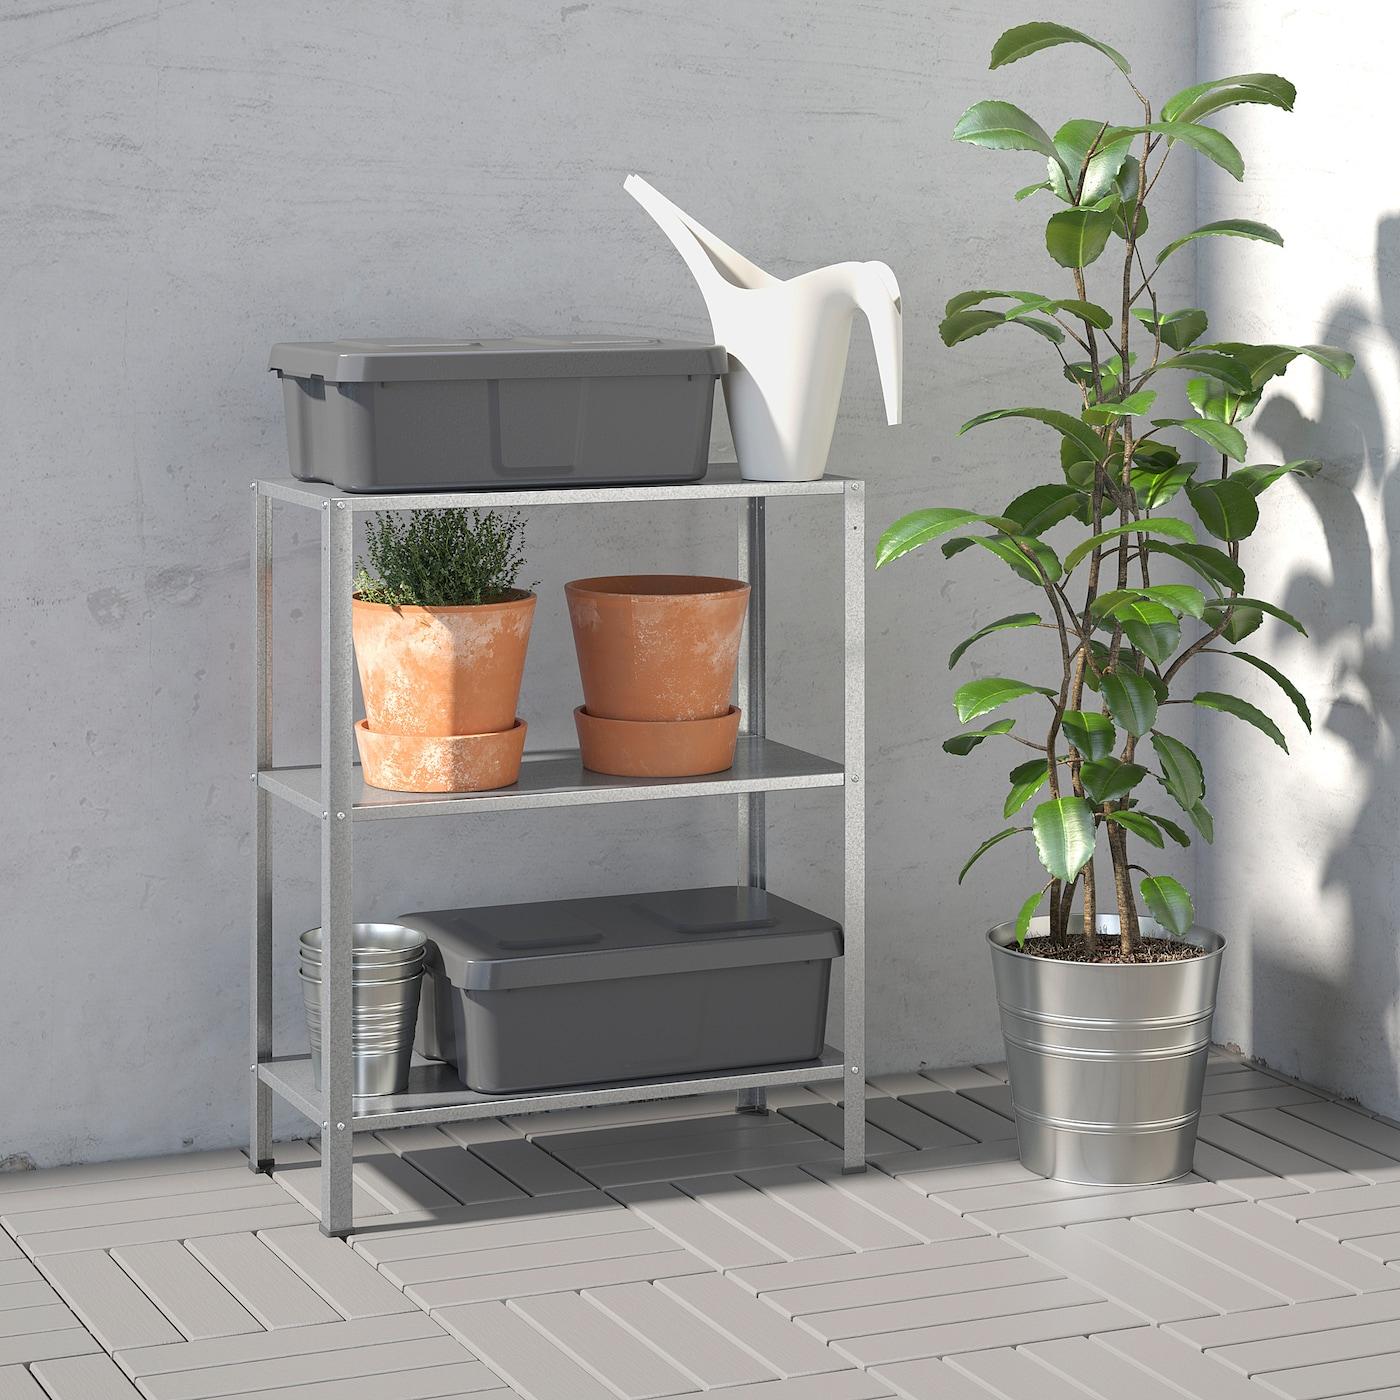 HYLLIS shelving unit in/outdoor 60 cm 27 cm 74 cm 25 kg